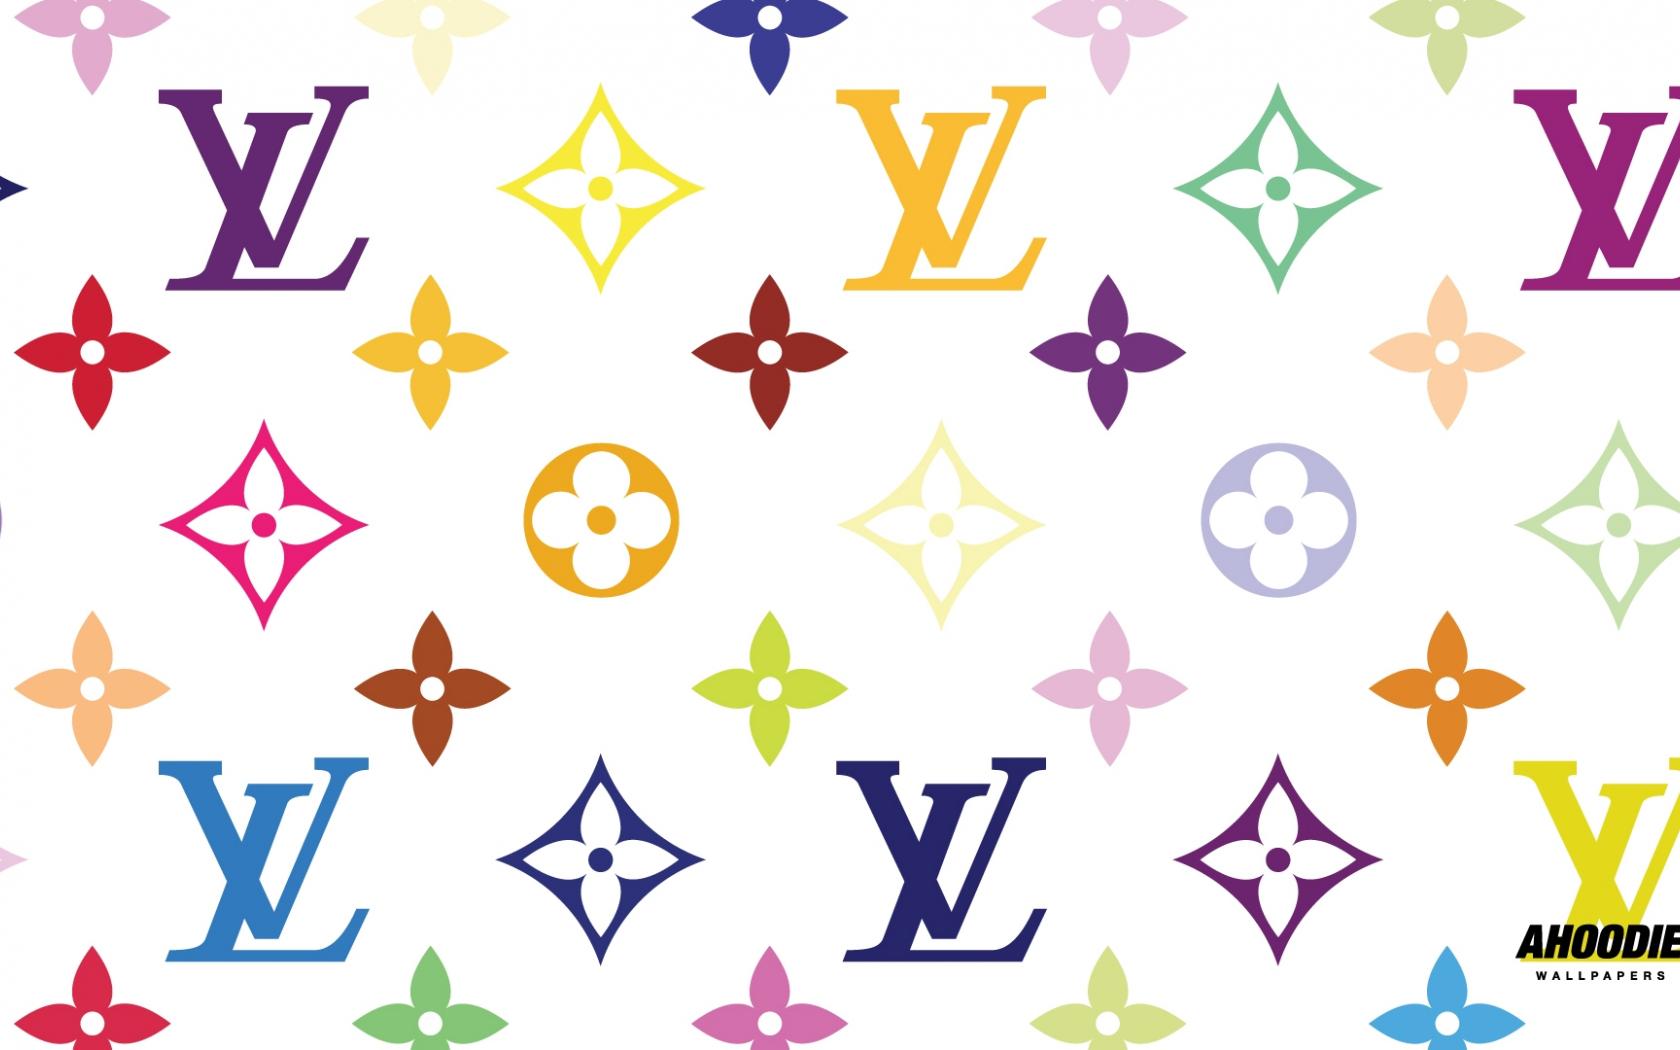 Hd Wallpapers Louis Vuitton Wallpaper